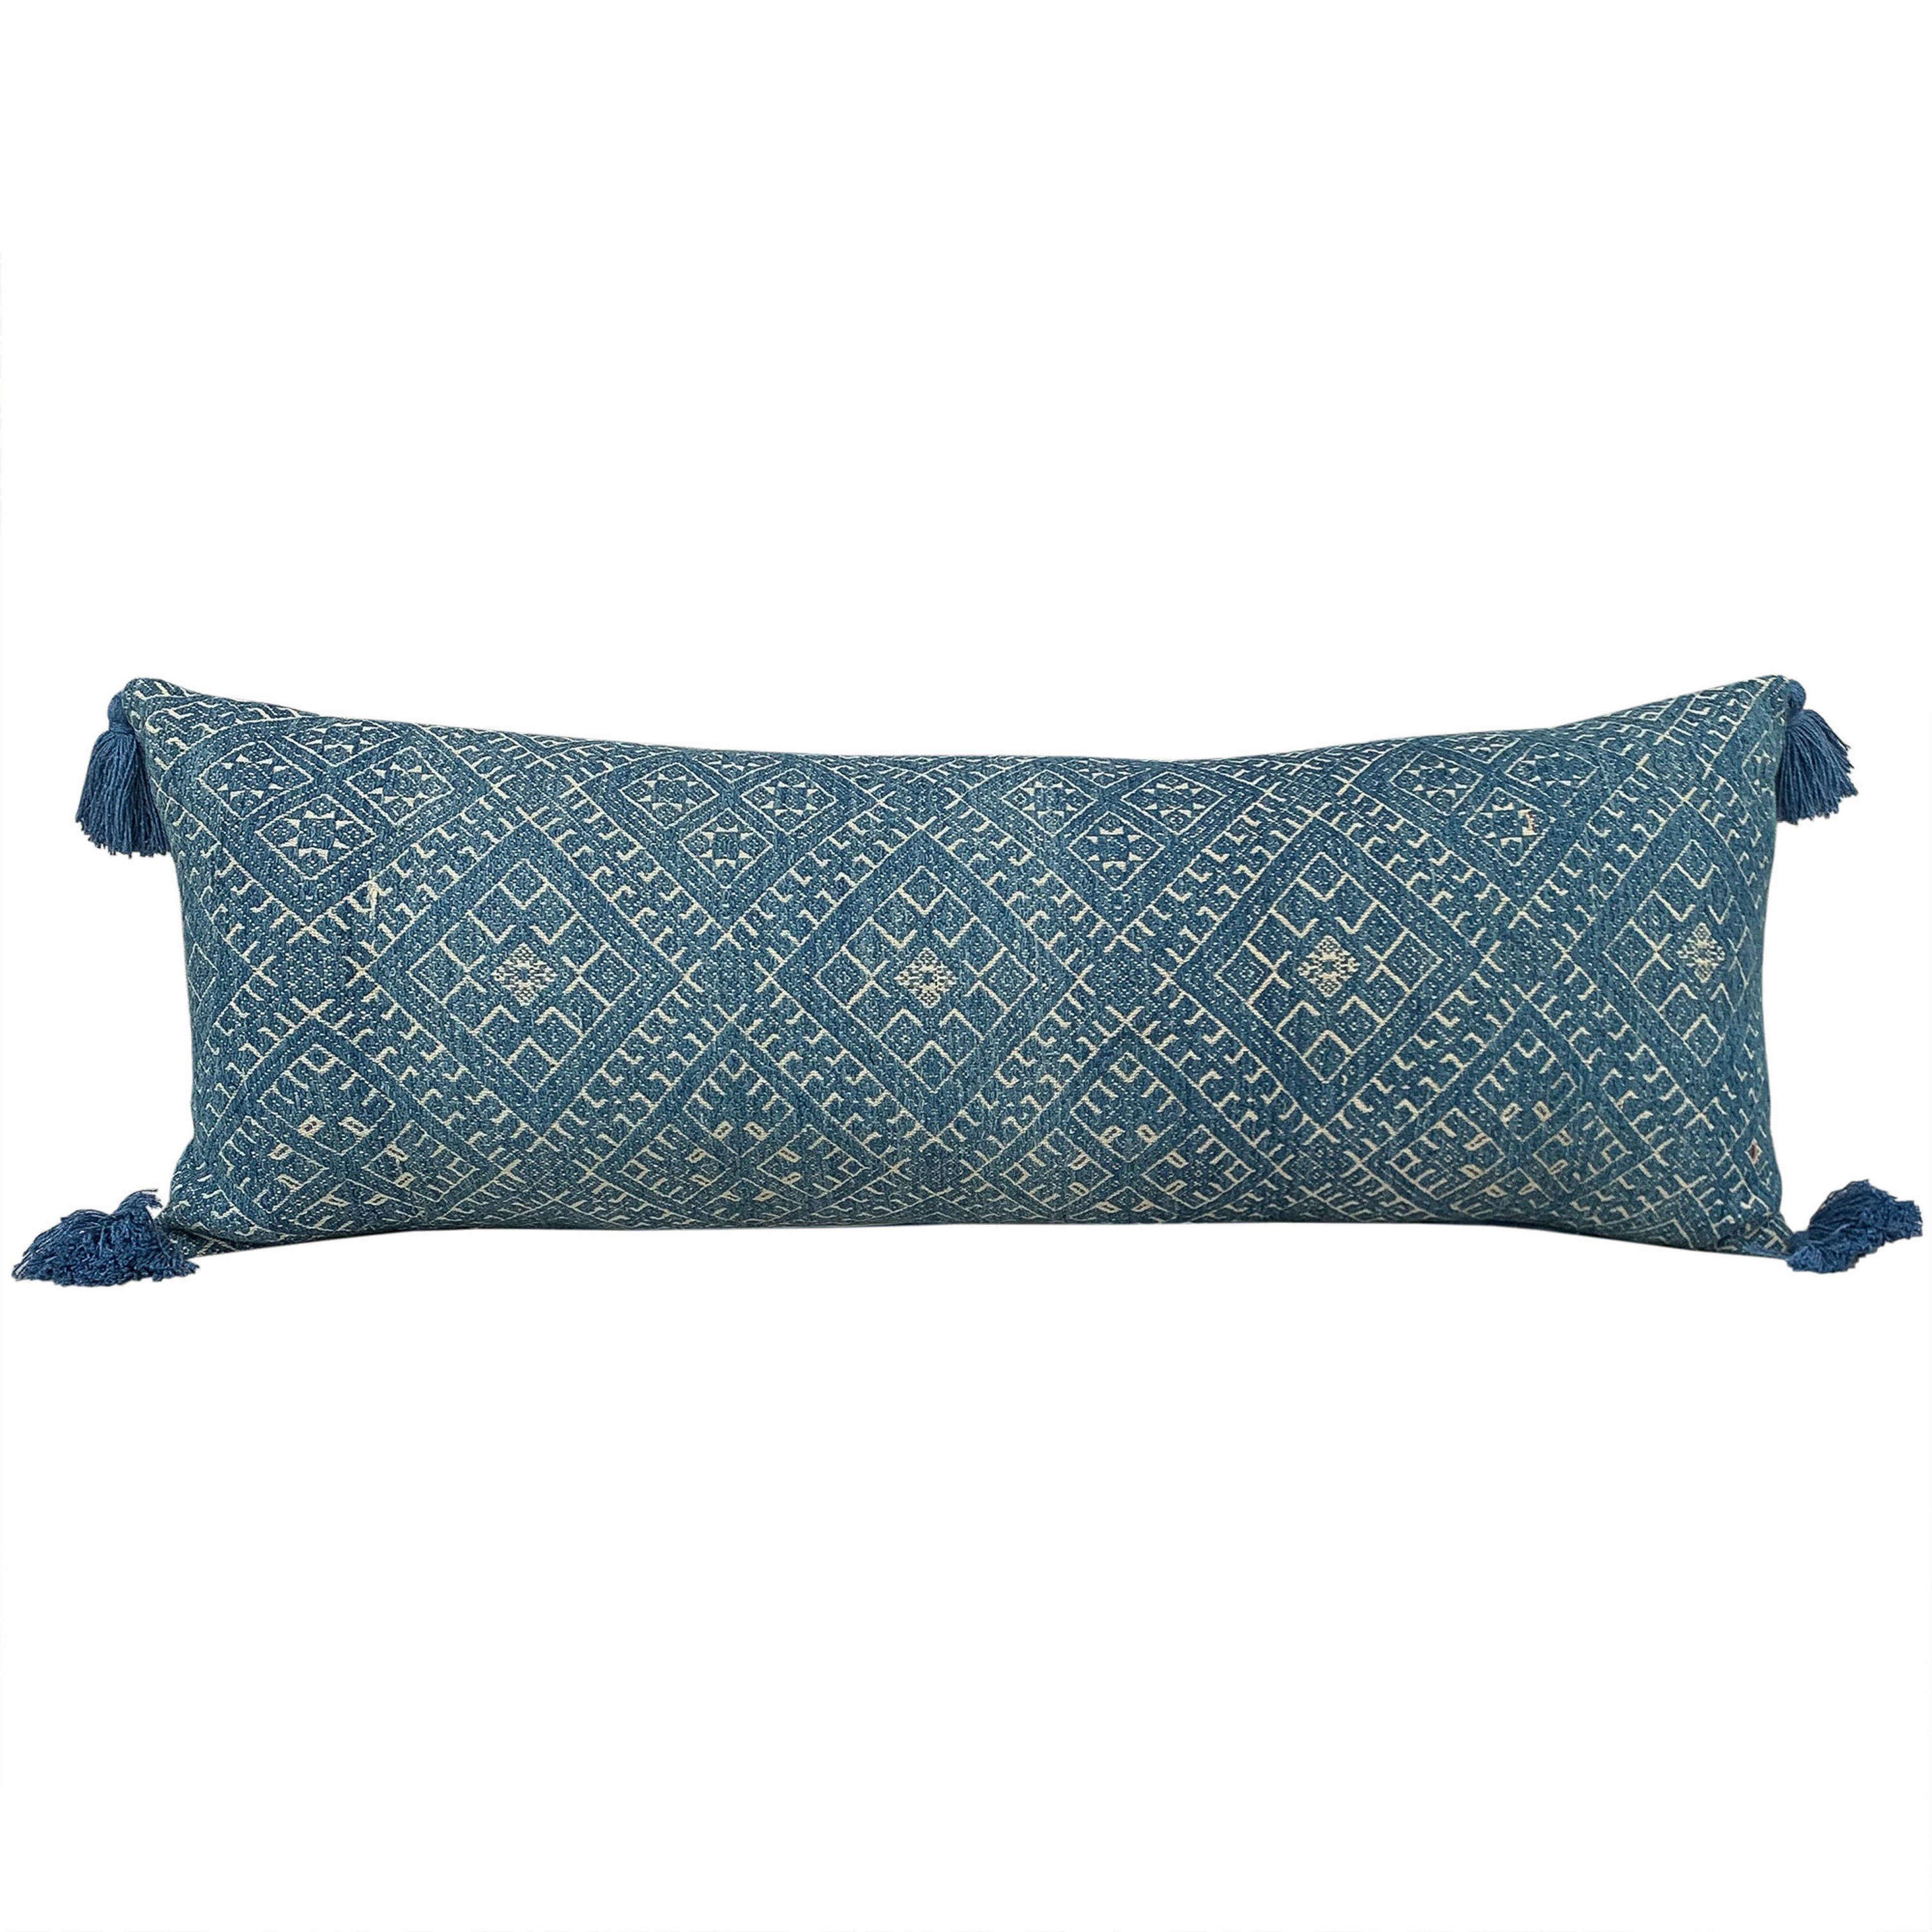 Indigo Dai wedding blanket cushion